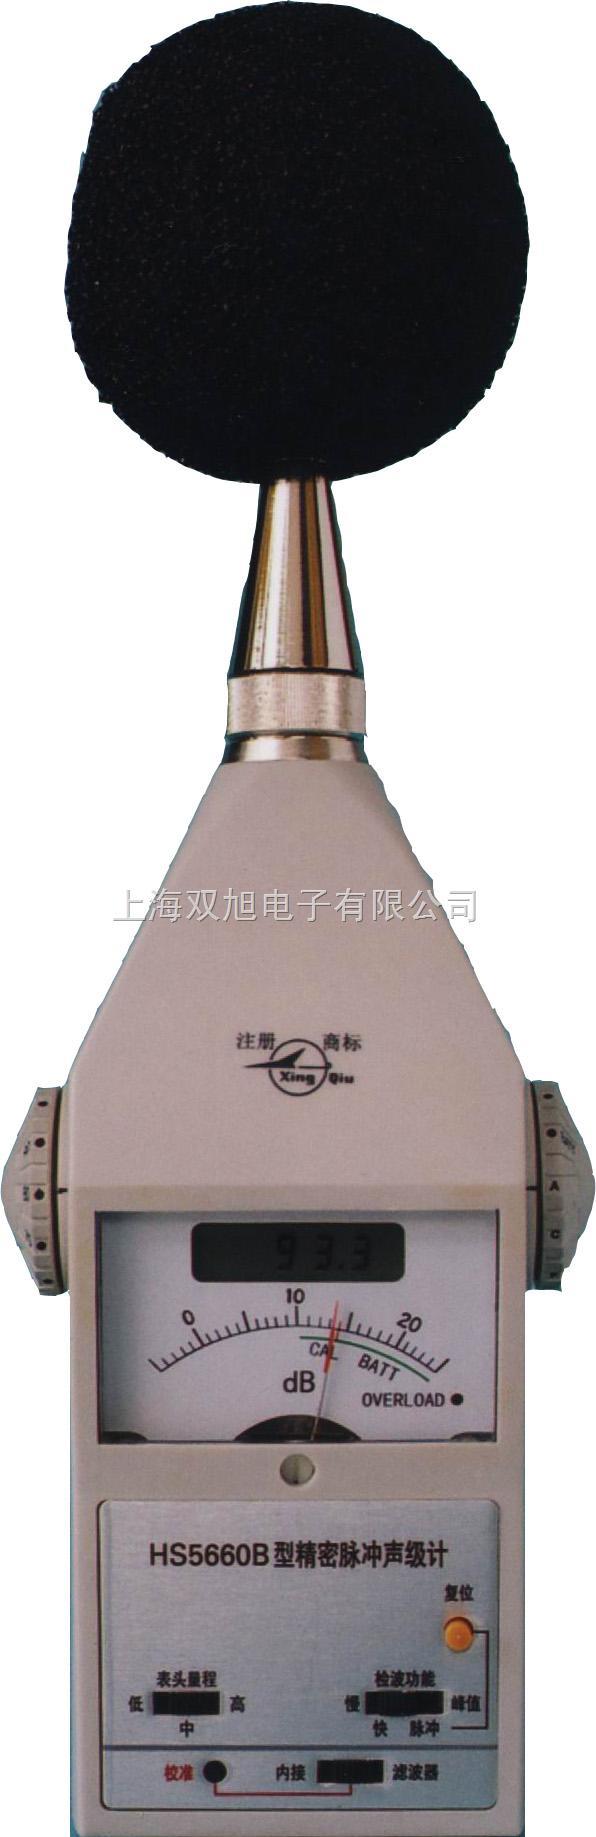 HS5660B-HS5660B精密脉冲声级计